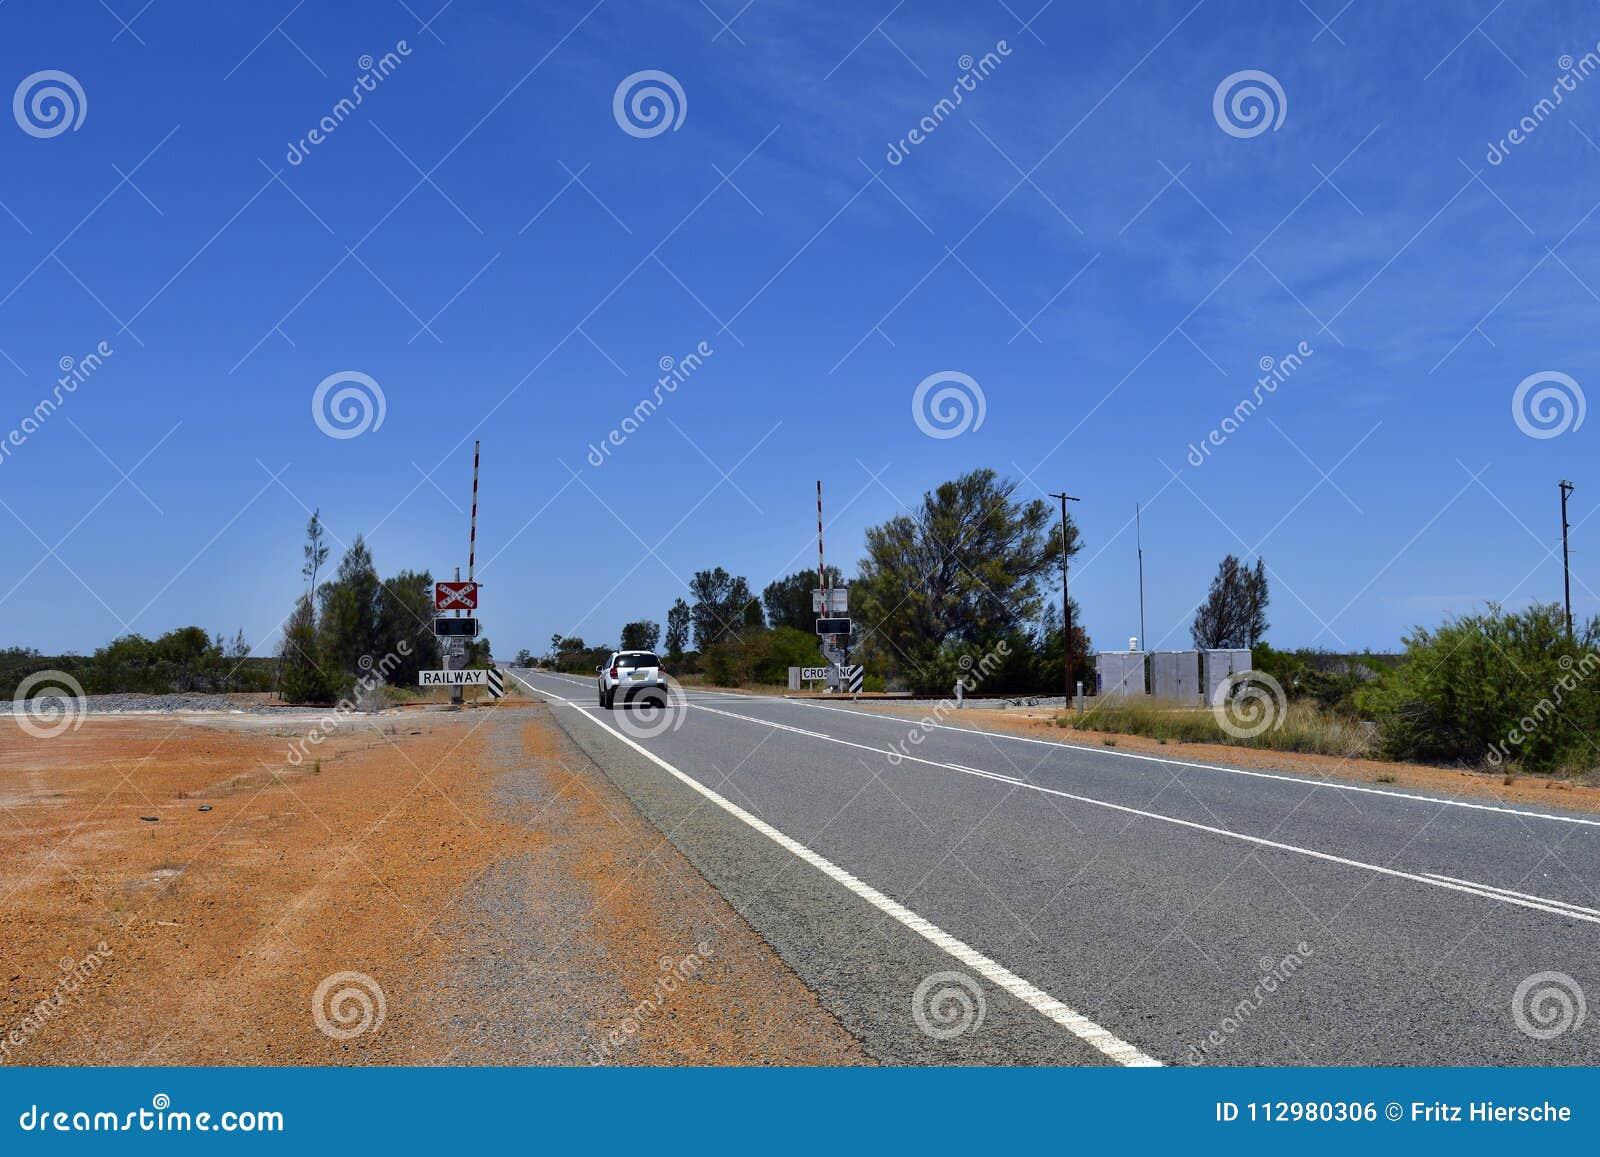 Australia, WA, Highway,